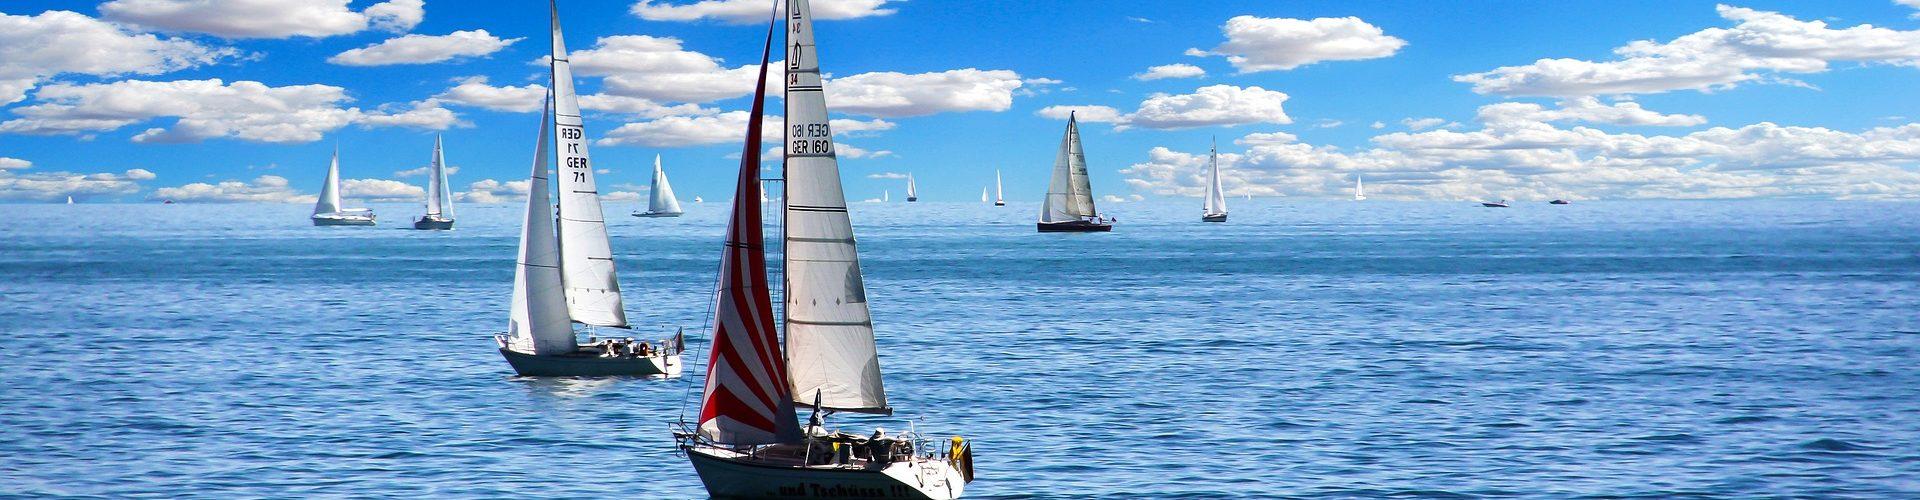 segeln lernen in Nordhorn segelschein machen in Nordhorn 1920x500 - Segeln lernen in Nordhorn